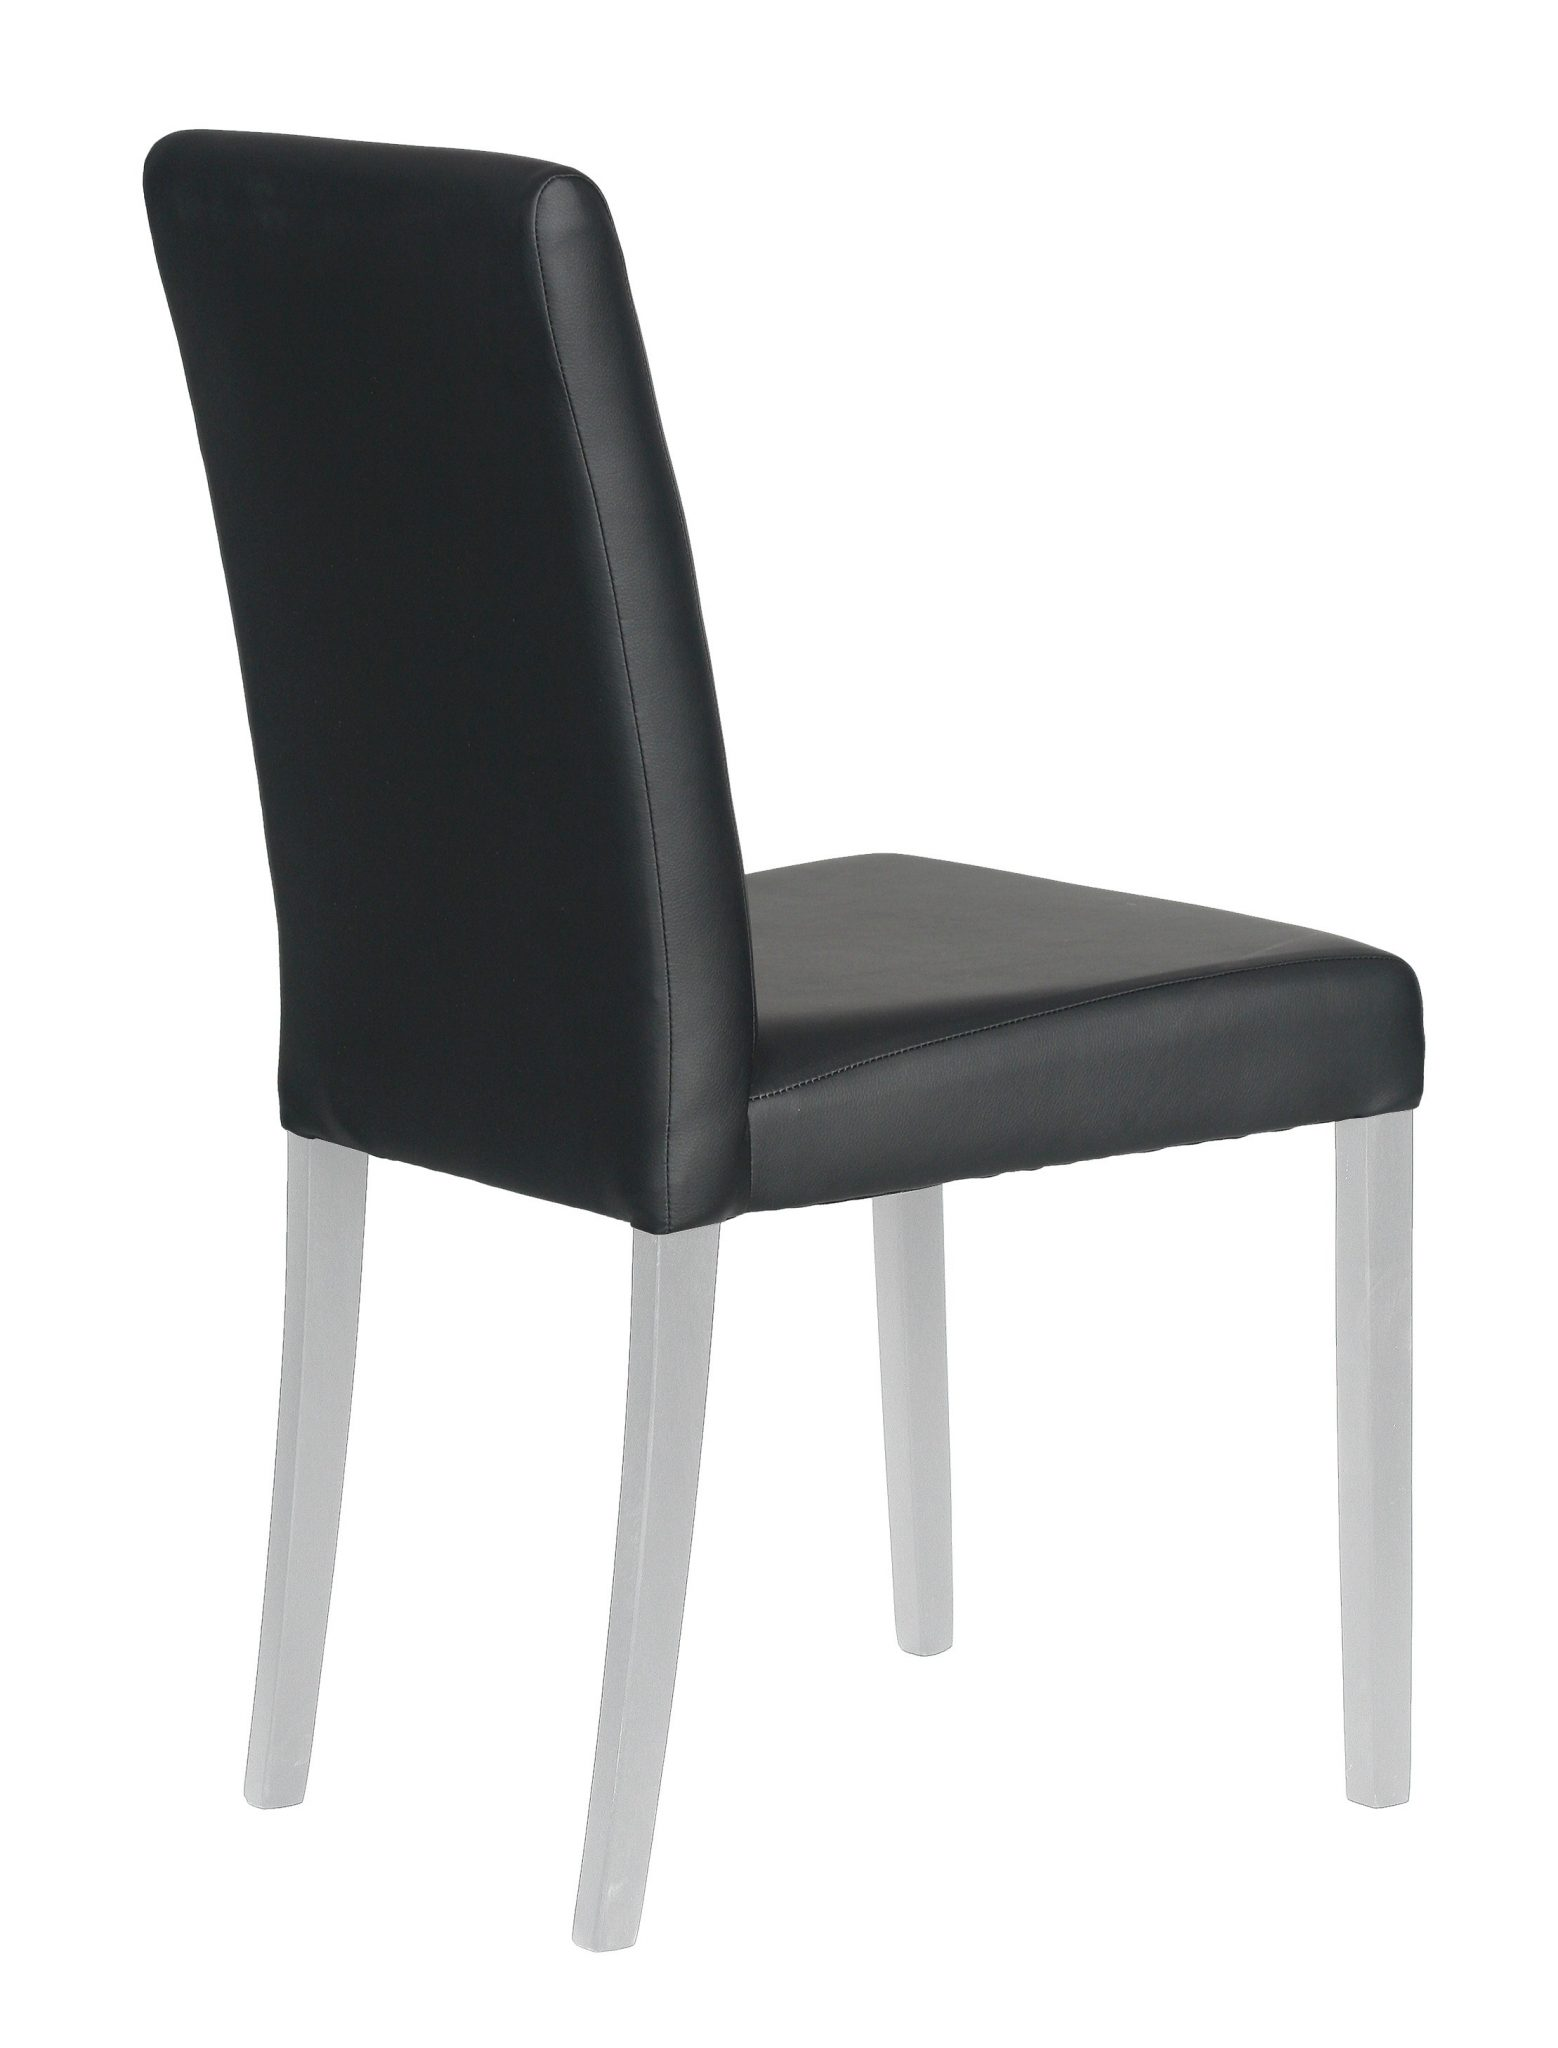 chaise salle a manger cuir noir le monde de l a. Black Bedroom Furniture Sets. Home Design Ideas